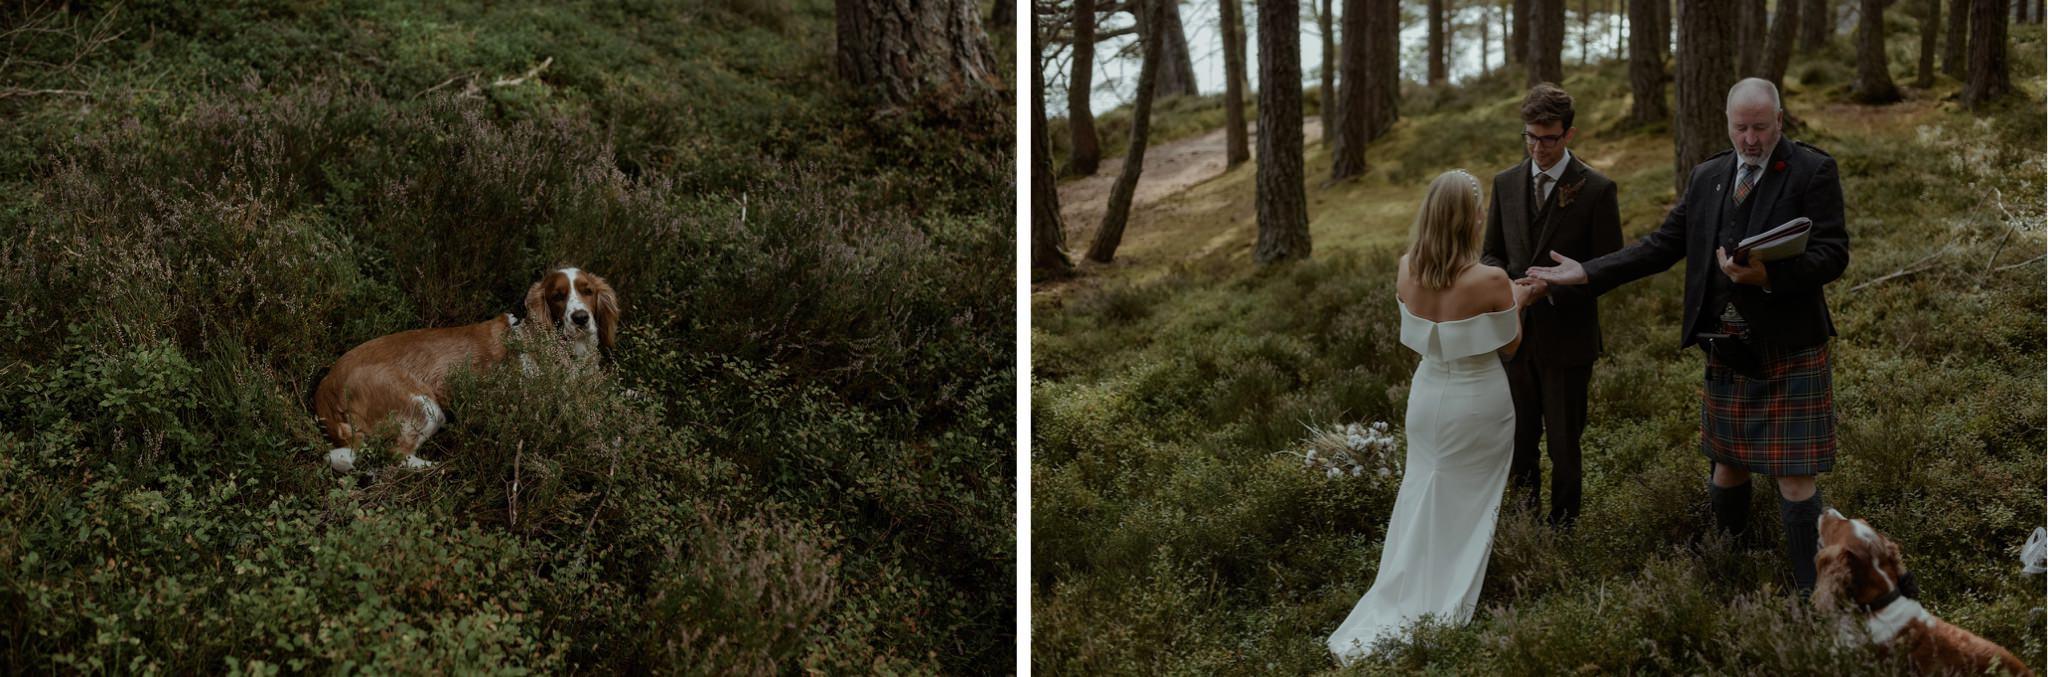 Outdoor elopement wedding ceremony in woods in the Cairngorms